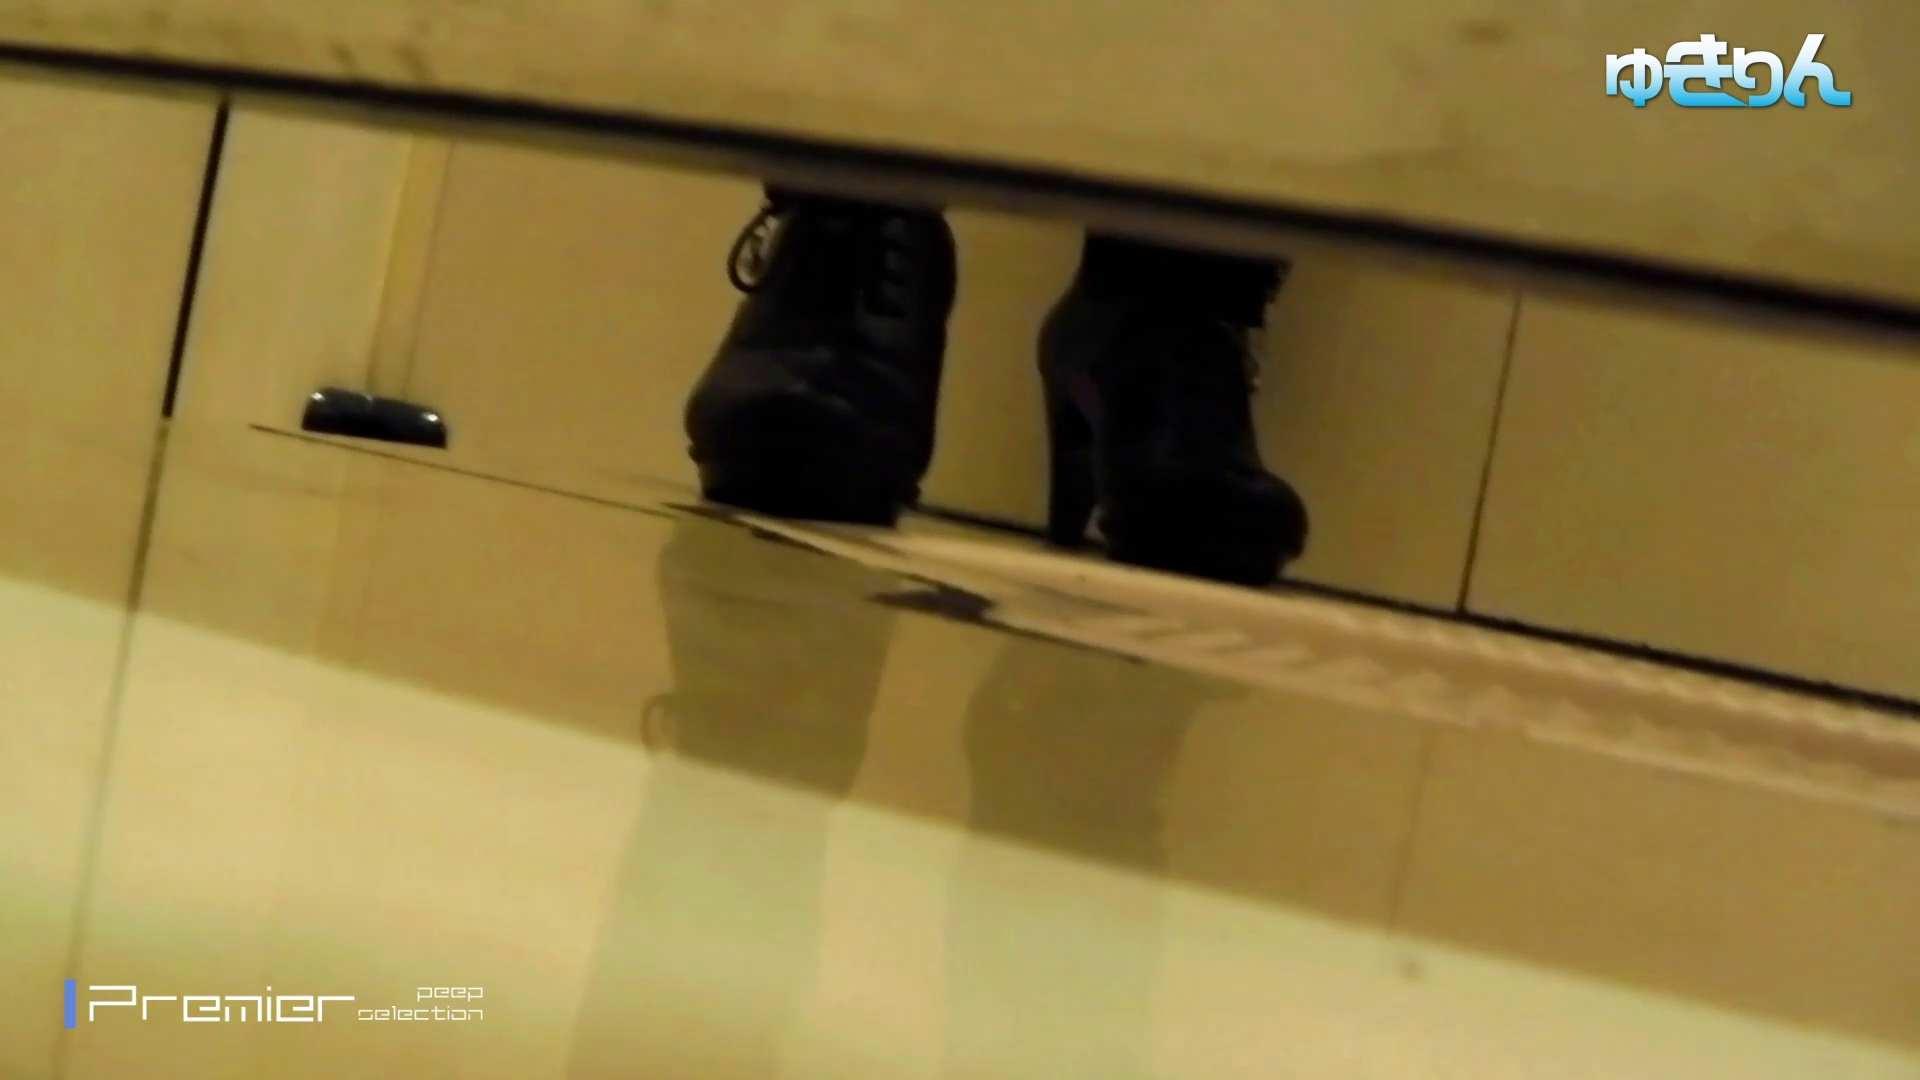 新世界の射窓 No93 お姉さん達のオマンコ 盗撮動画紹介 89連発 17